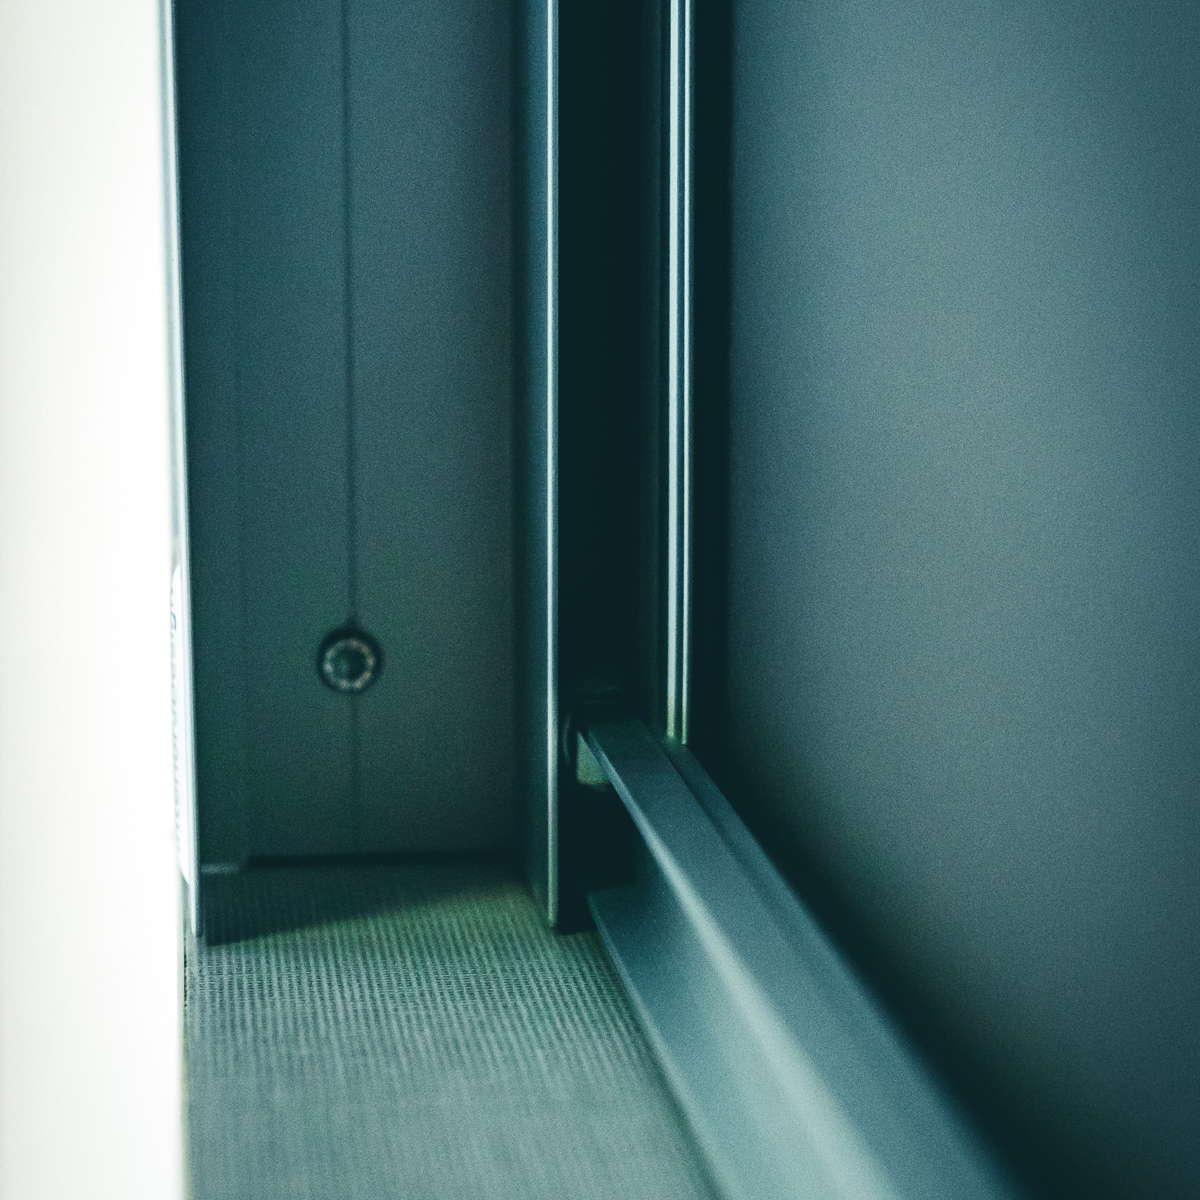 Einbauschränke Mit Schiebetüren einbauschrank mit schiebetüren interiors design